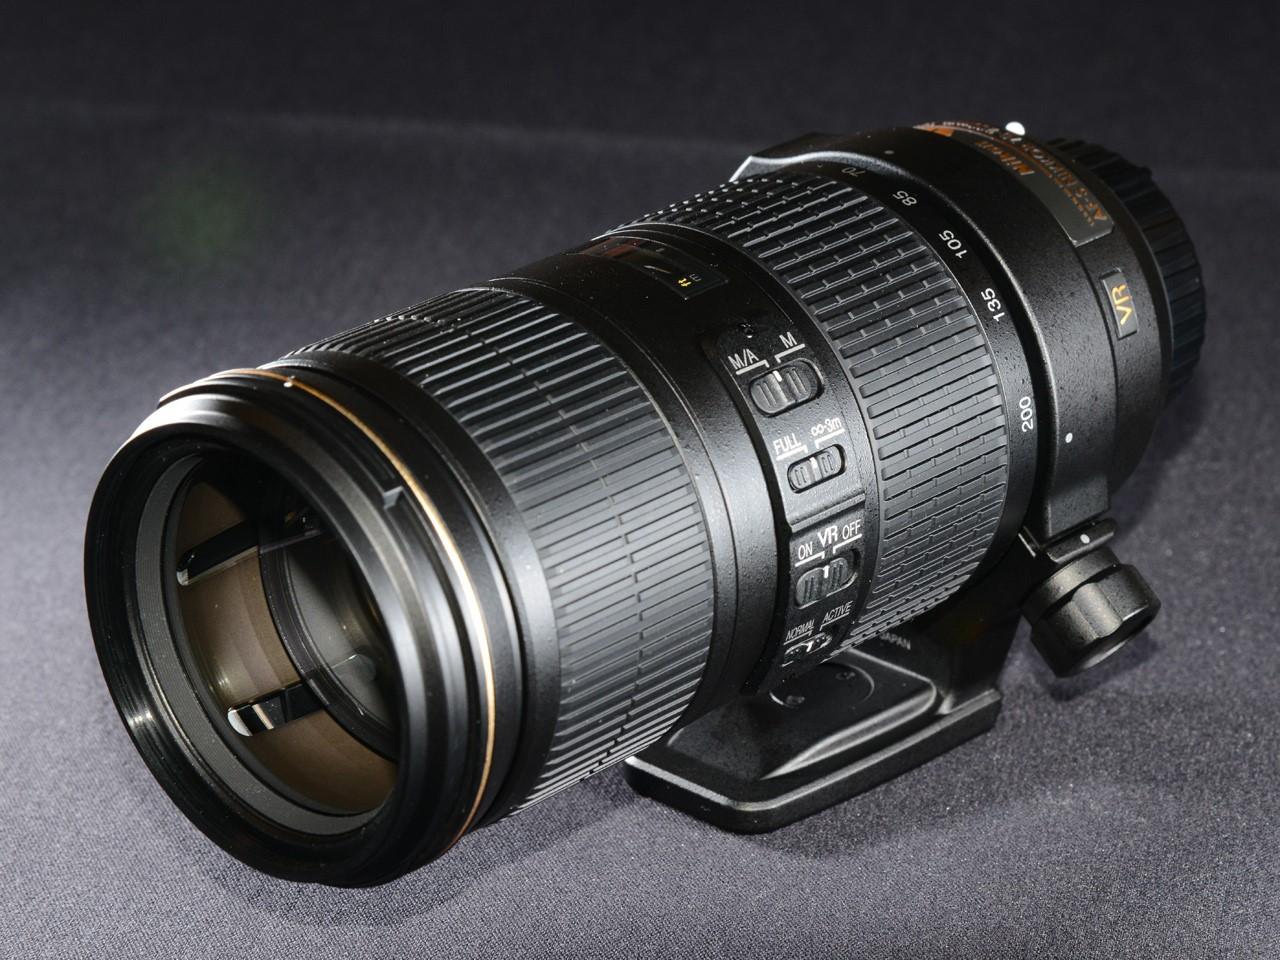 Hands-on with the AF-S Nikkor 70-200mm f/4G ED VR: Digital